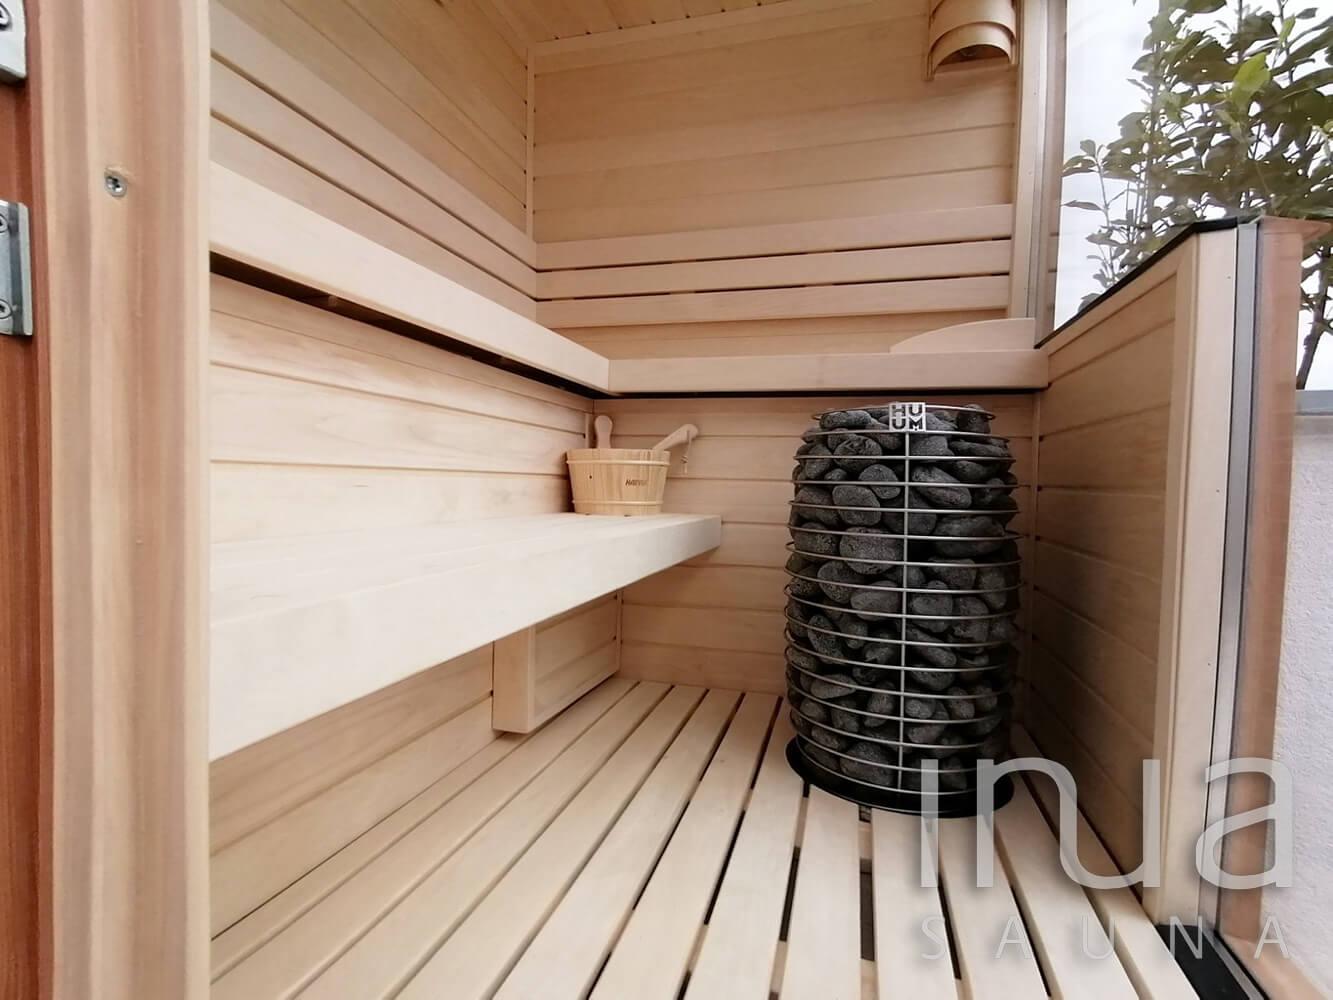 A megfelelő hőfokról egy Huum Hive szaunakályha gondoskodik.